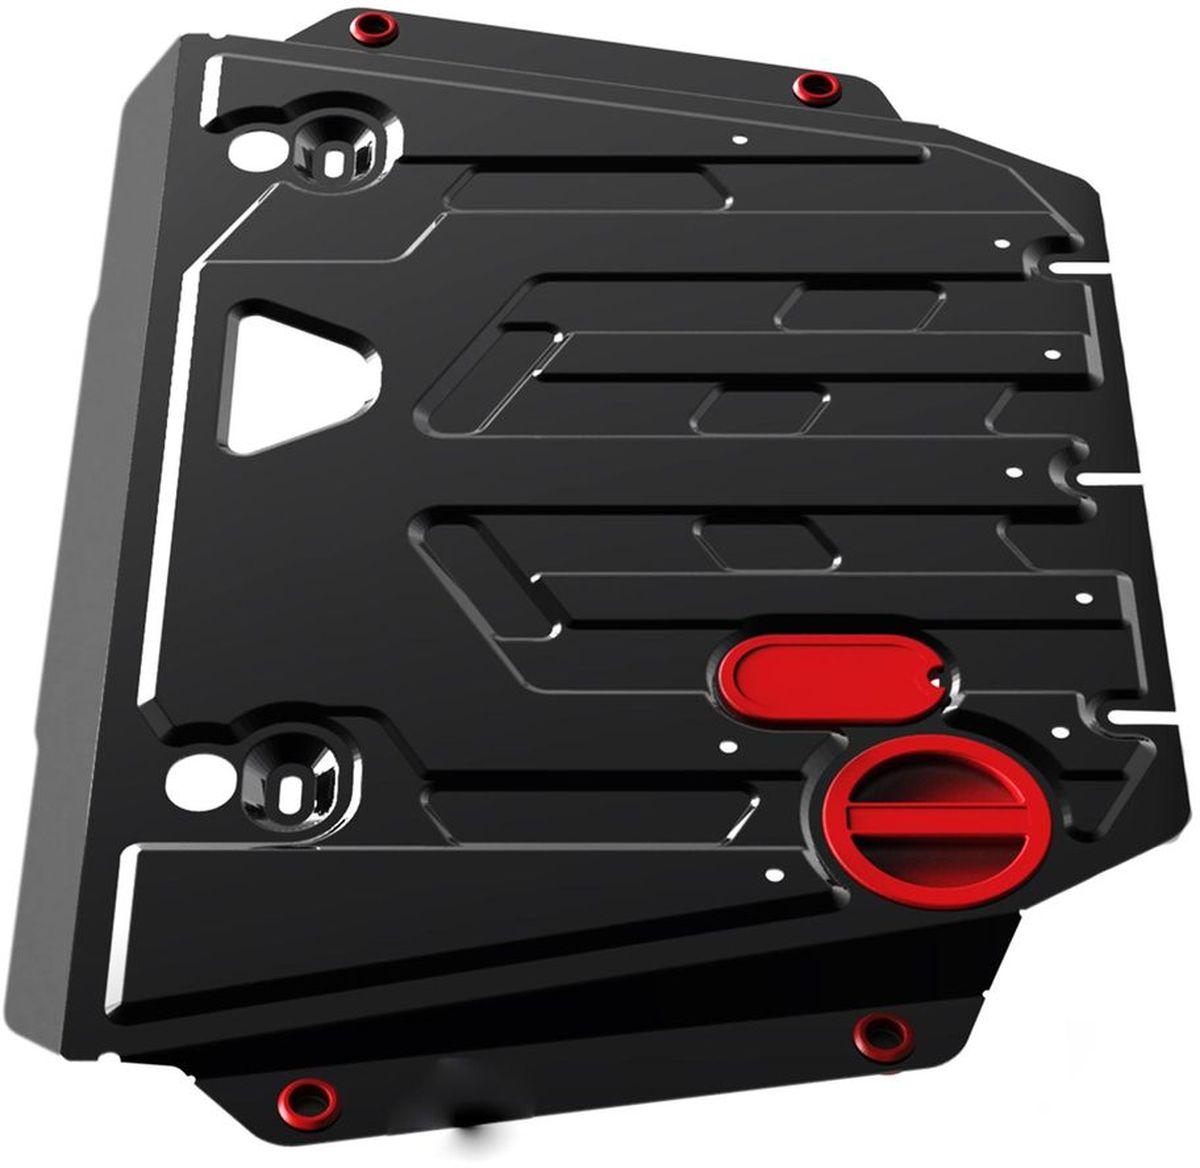 Защита картера и КПП Автоброня Chery QQ6 2008-2010, сталь 2 мм111.00905.1Защита картера и КПП Автоброня Chery QQ6, V - 1,1; 1,3 2008-2010, сталь 2 мм, комплект крепежа, 111.00905.1Стальные защиты Автоброня надежно защищают ваш автомобиль от повреждений при наезде на бордюры, выступающие канализационные люки, кромки поврежденного асфальта или при ремонте дорог, не говоря уже о загородных дорогах.- Имеют оптимальное соотношение цена-качество.- Спроектированы с учетом особенностей автомобиля, что делает установку удобной.- Защита устанавливается в штатные места кузова автомобиля.- Является надежной защитой для важных элементов на протяжении долгих лет.- Глубокий штамп дополнительно усиливает конструкцию защиты.- Подштамповка в местах крепления защищает крепеж от срезания.- Технологические отверстия там, где они необходимы для смены масла и слива воды, оборудованные заглушками, закрепленными на защите.Толщина стали 2 мм.В комплекте крепеж и инструкция по установке.Уважаемые клиенты!Обращаем ваше внимание на тот факт, что защита имеет форму, соответствующую модели данного автомобиля. Наличие глубокого штампа и лючков для смены фильтров/масла предусмотрено не на всех защитах. Фото служит для визуального восприятия товара.